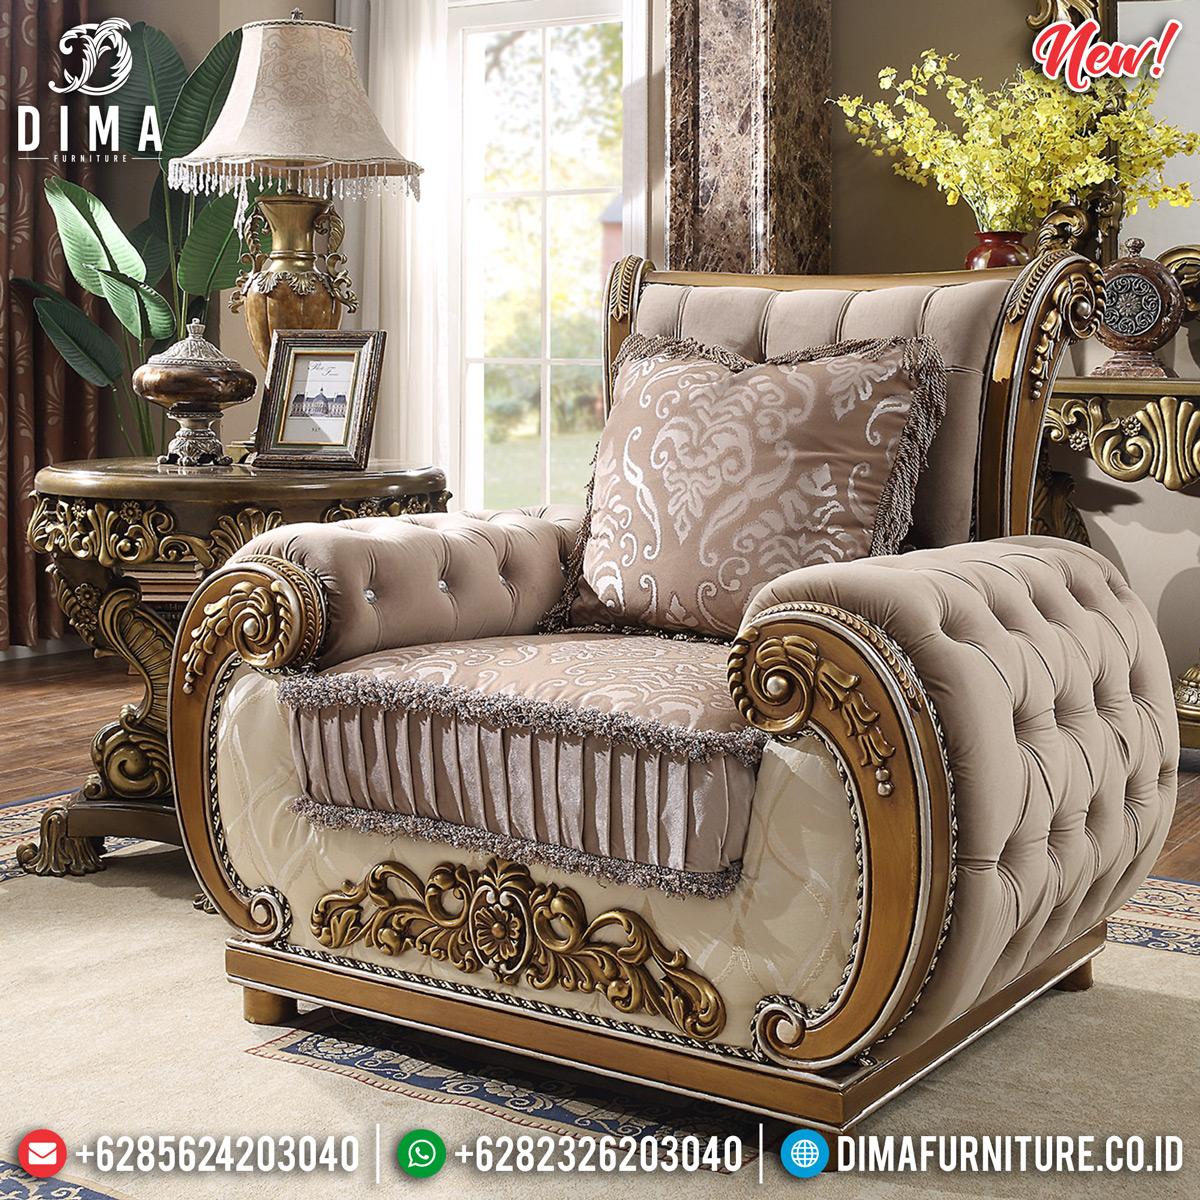 New Sofa Tamu Mewah Jepara Gold Silver Sultan DF-1300 Gambar 1